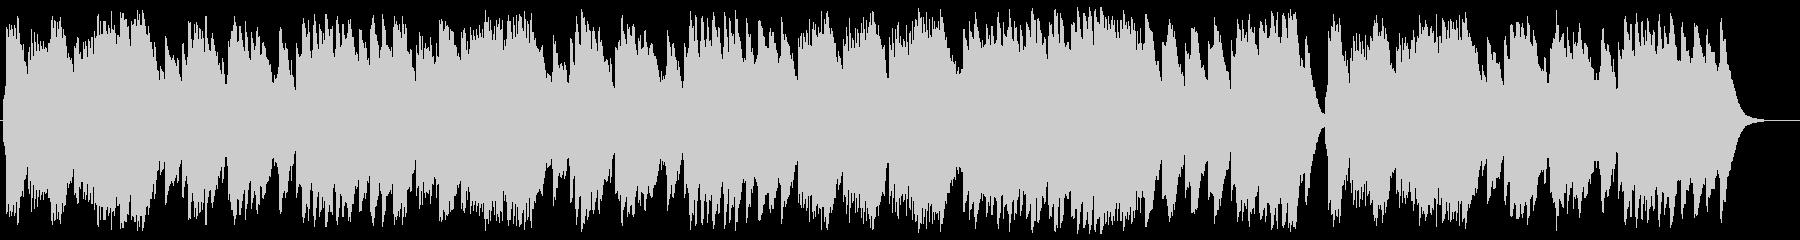 フィガロの結婚(モーツァルト)の未再生の波形